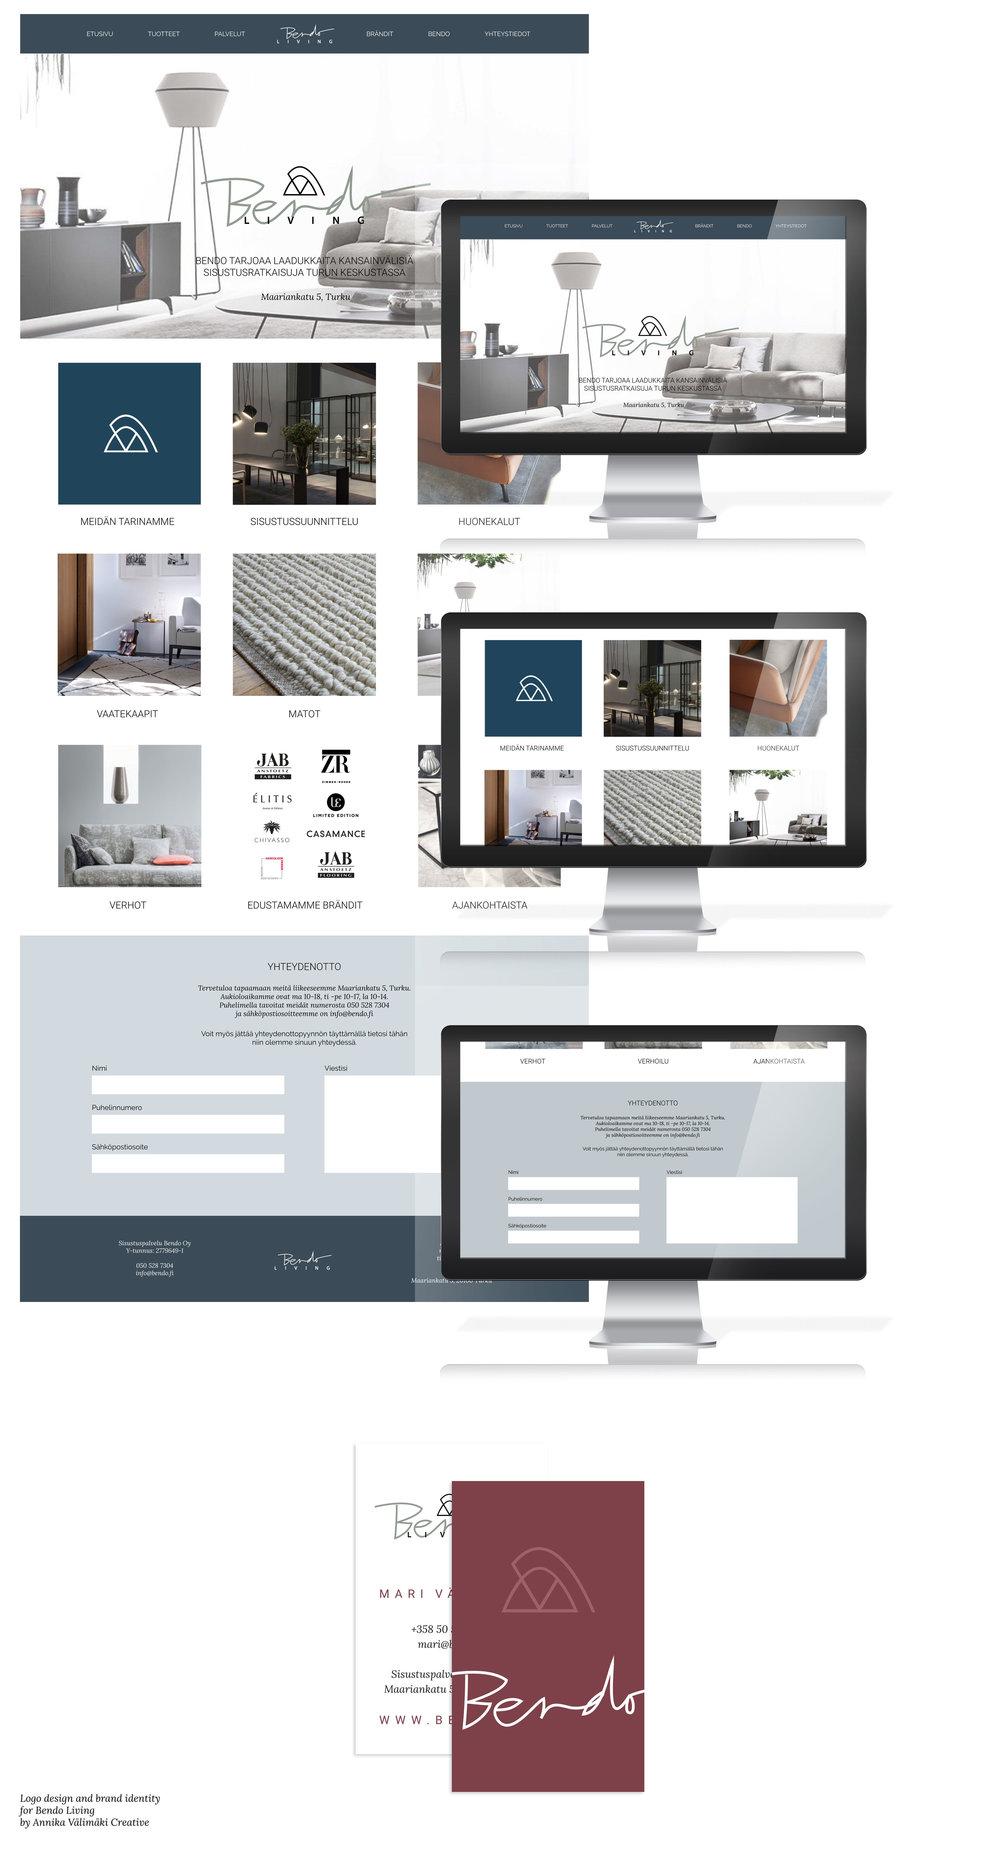 Annika Välimäki Graafinen suunnittelu, logosuunnittelu, yritysilme, käyntikortin suunnittelu, Bendo Living